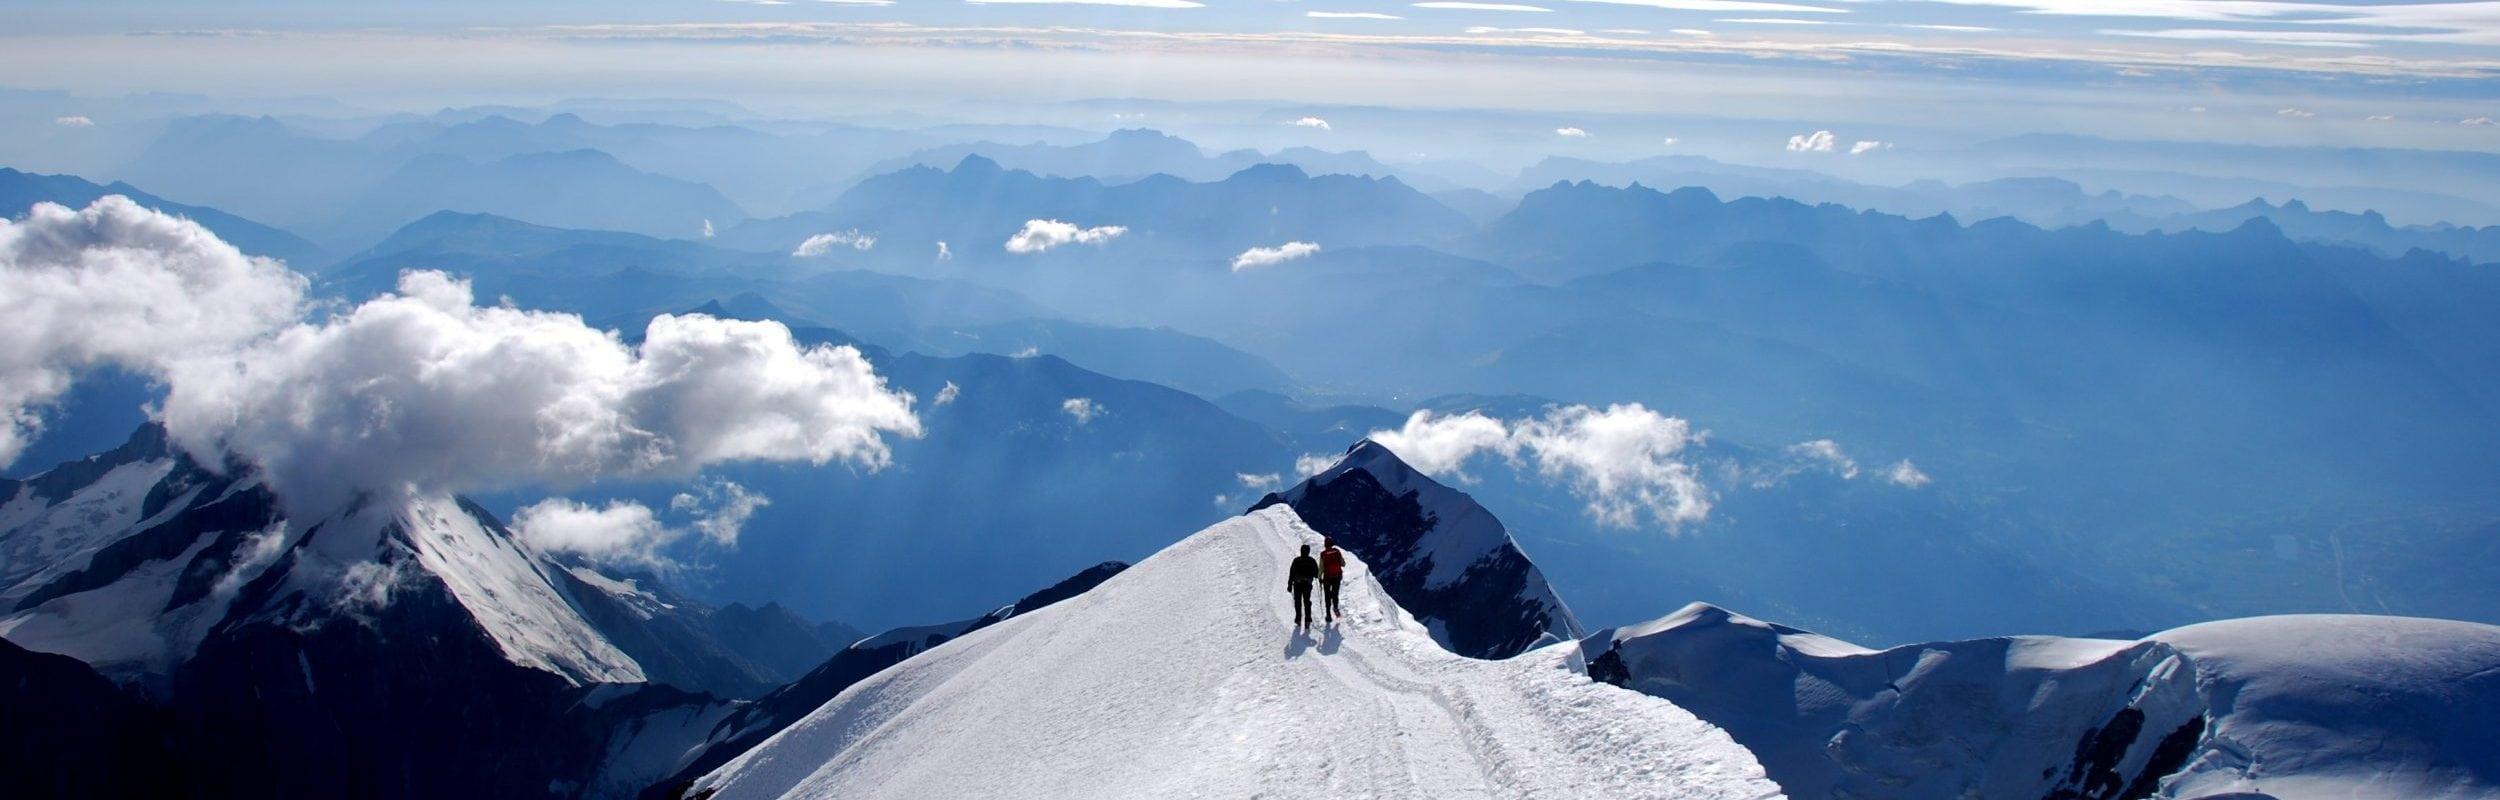 Sommet du Mont-Blanc summit - Compagnie des guides de Saint-Gervais